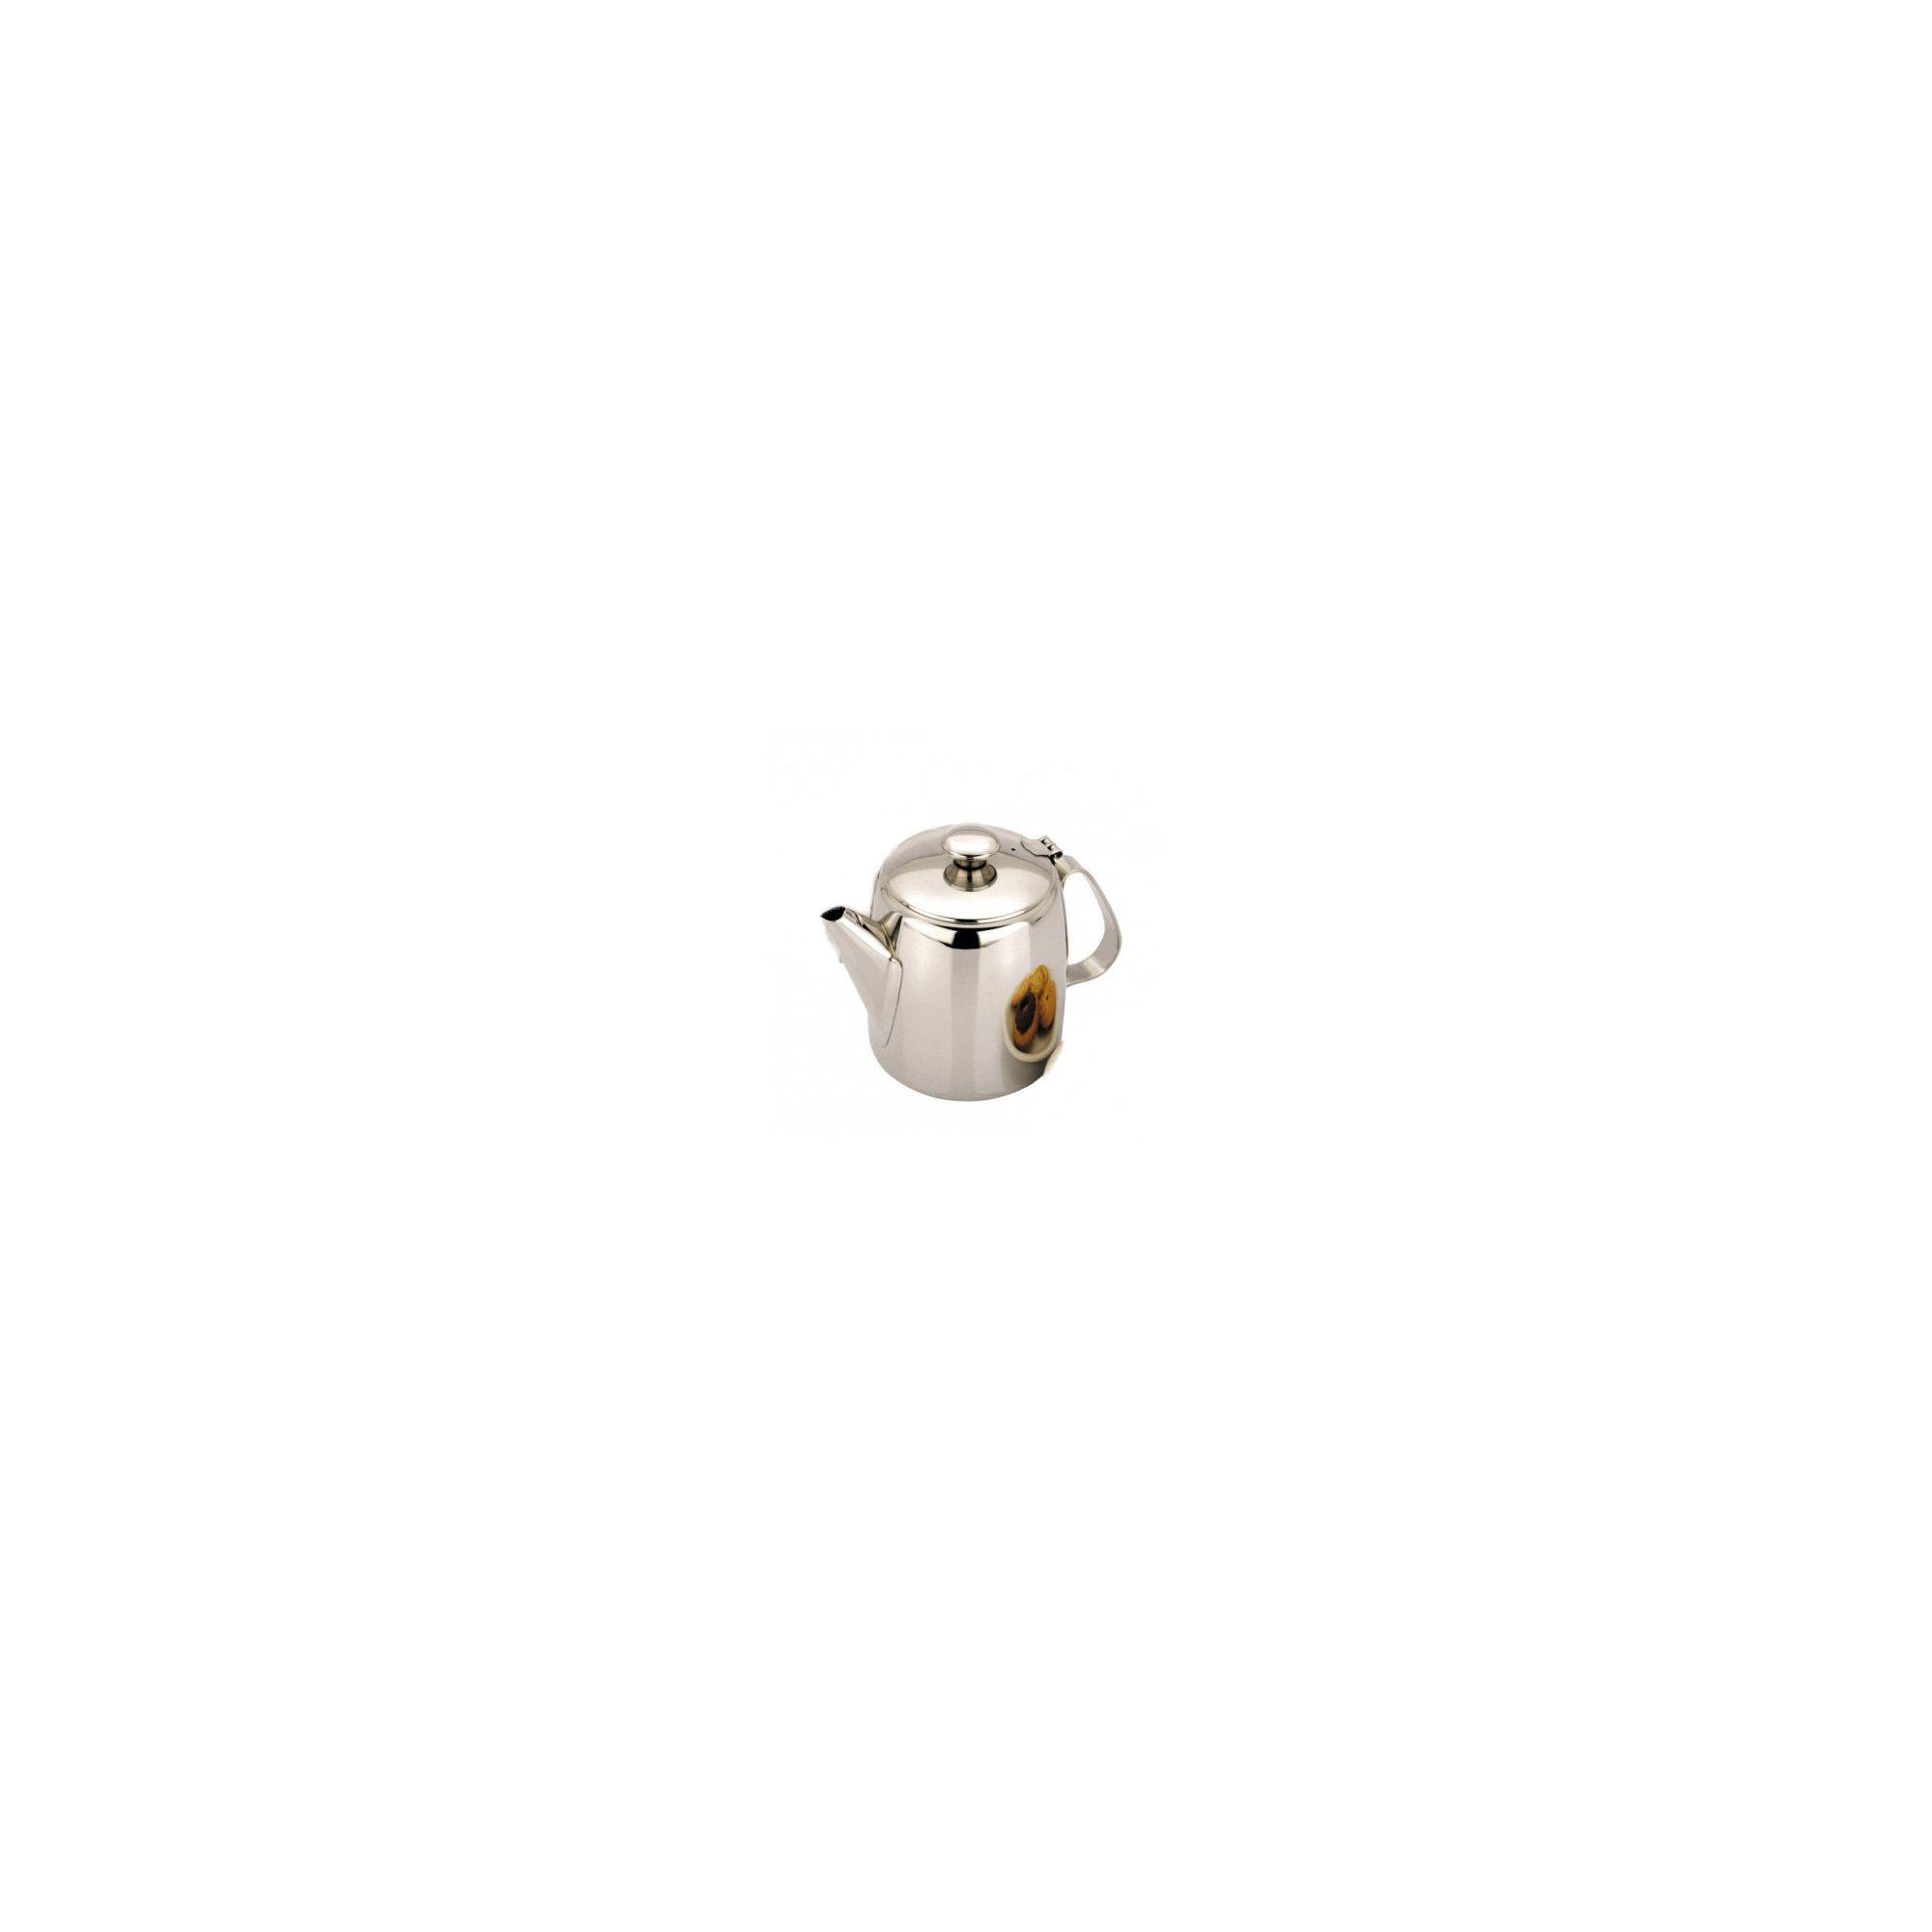 Zodiac 31357 Teapot S/S 48Oz